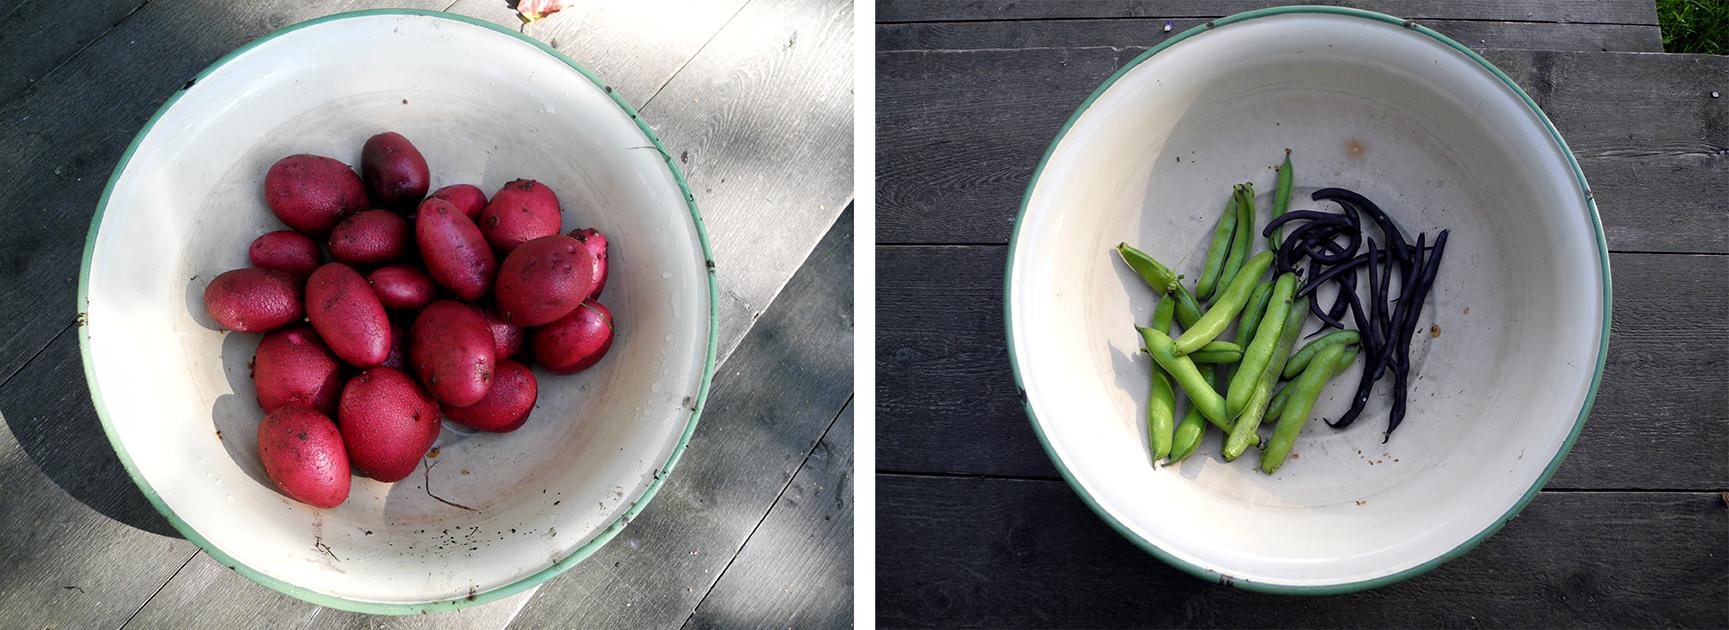 Trots odlingsmotgångarna har vi i alla fall fått en hel del potatis. Red duke of York har en fantastisk färg på skalet, men är helt omöjlig att koka. Den smular sönder direkt. Däremot passar den fint som ugnsstekt. Det blev några haricot vert och bondbönor, men betydligt färre än förväntat.